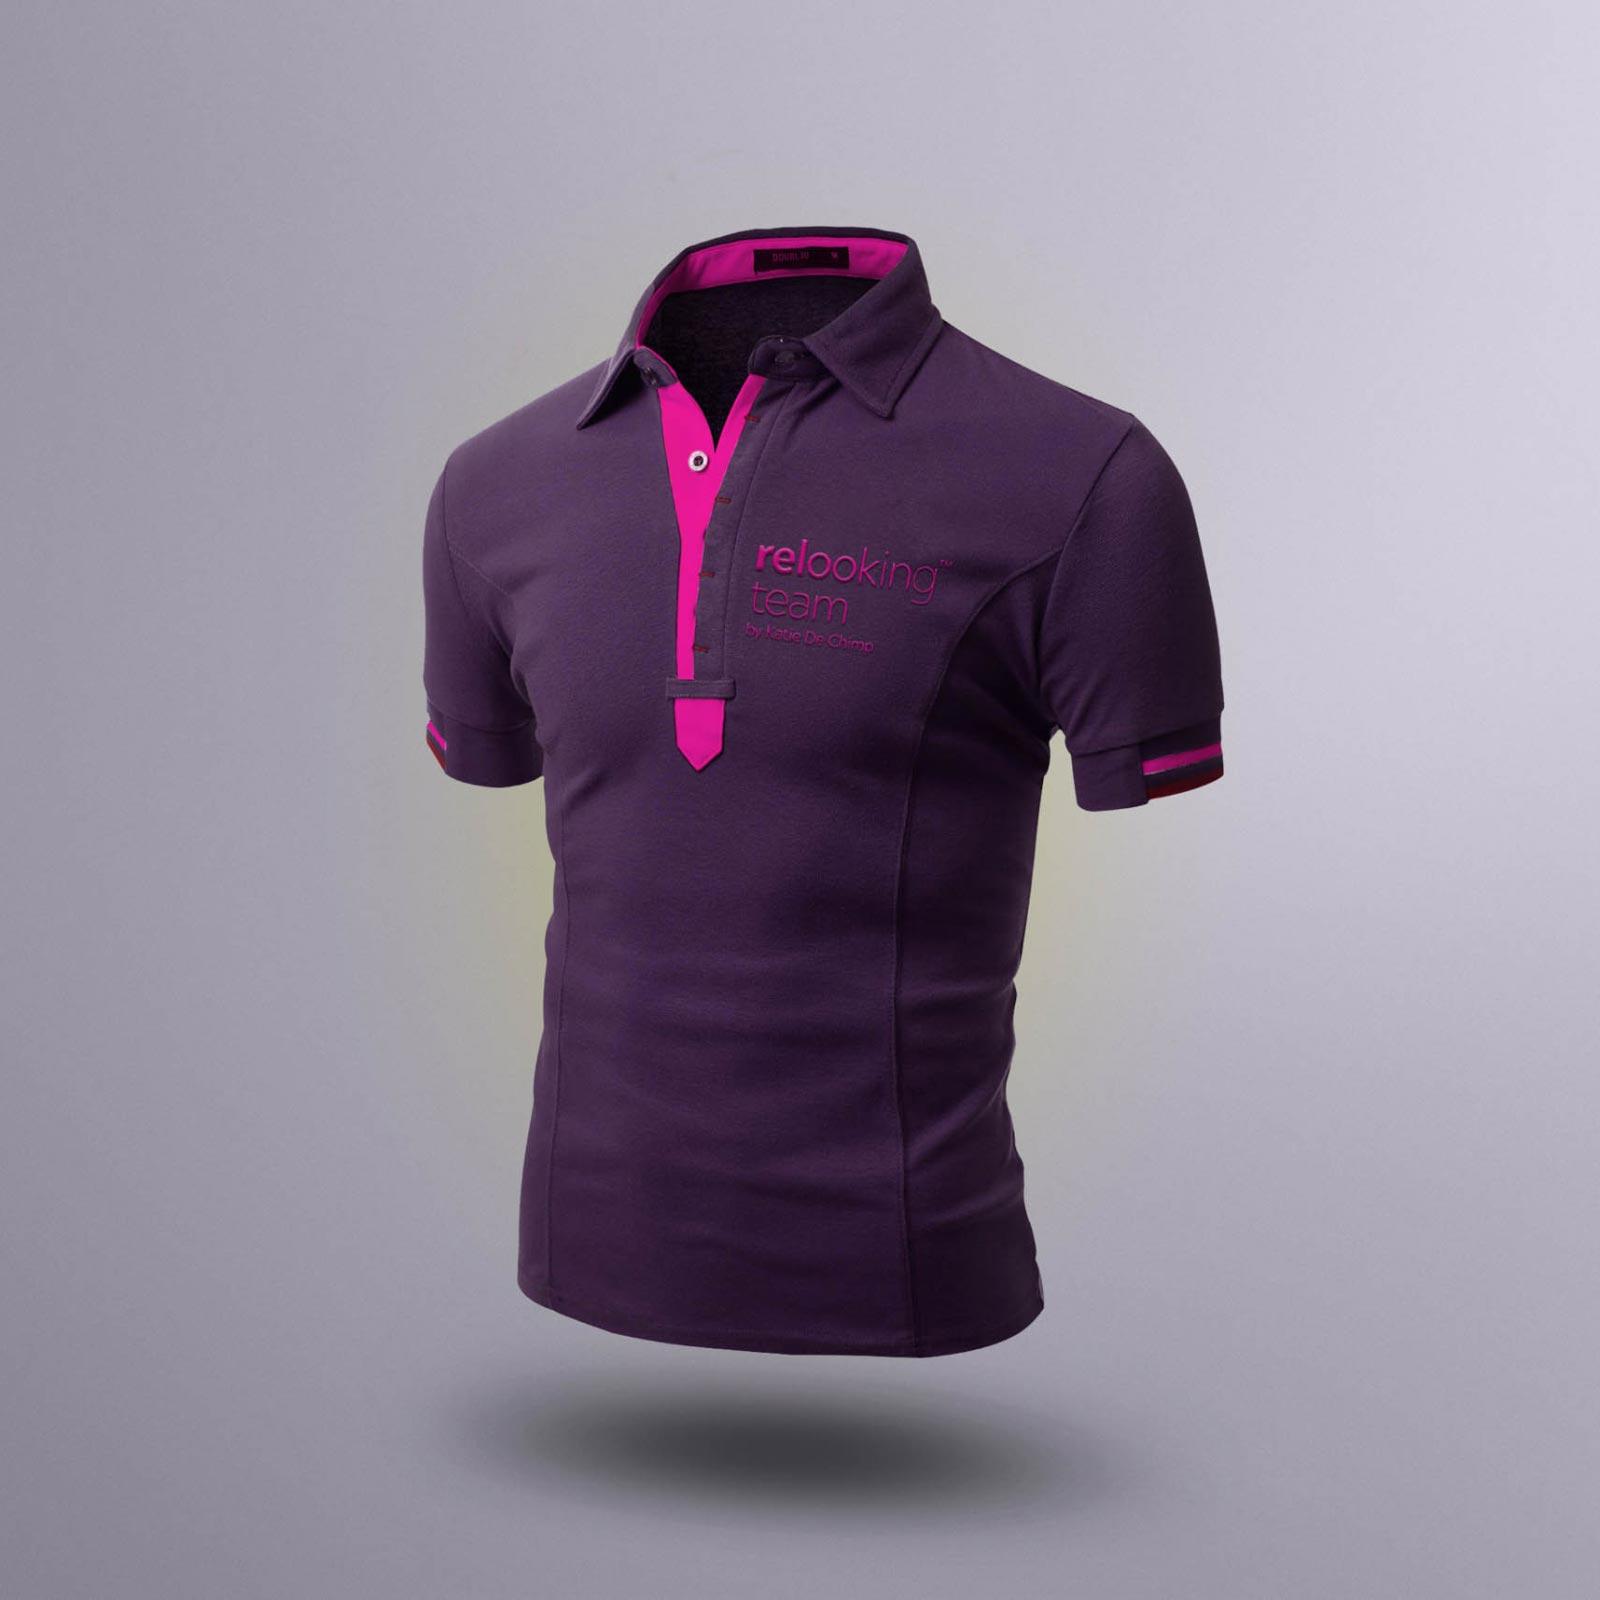 grafický návrh trička relooking team